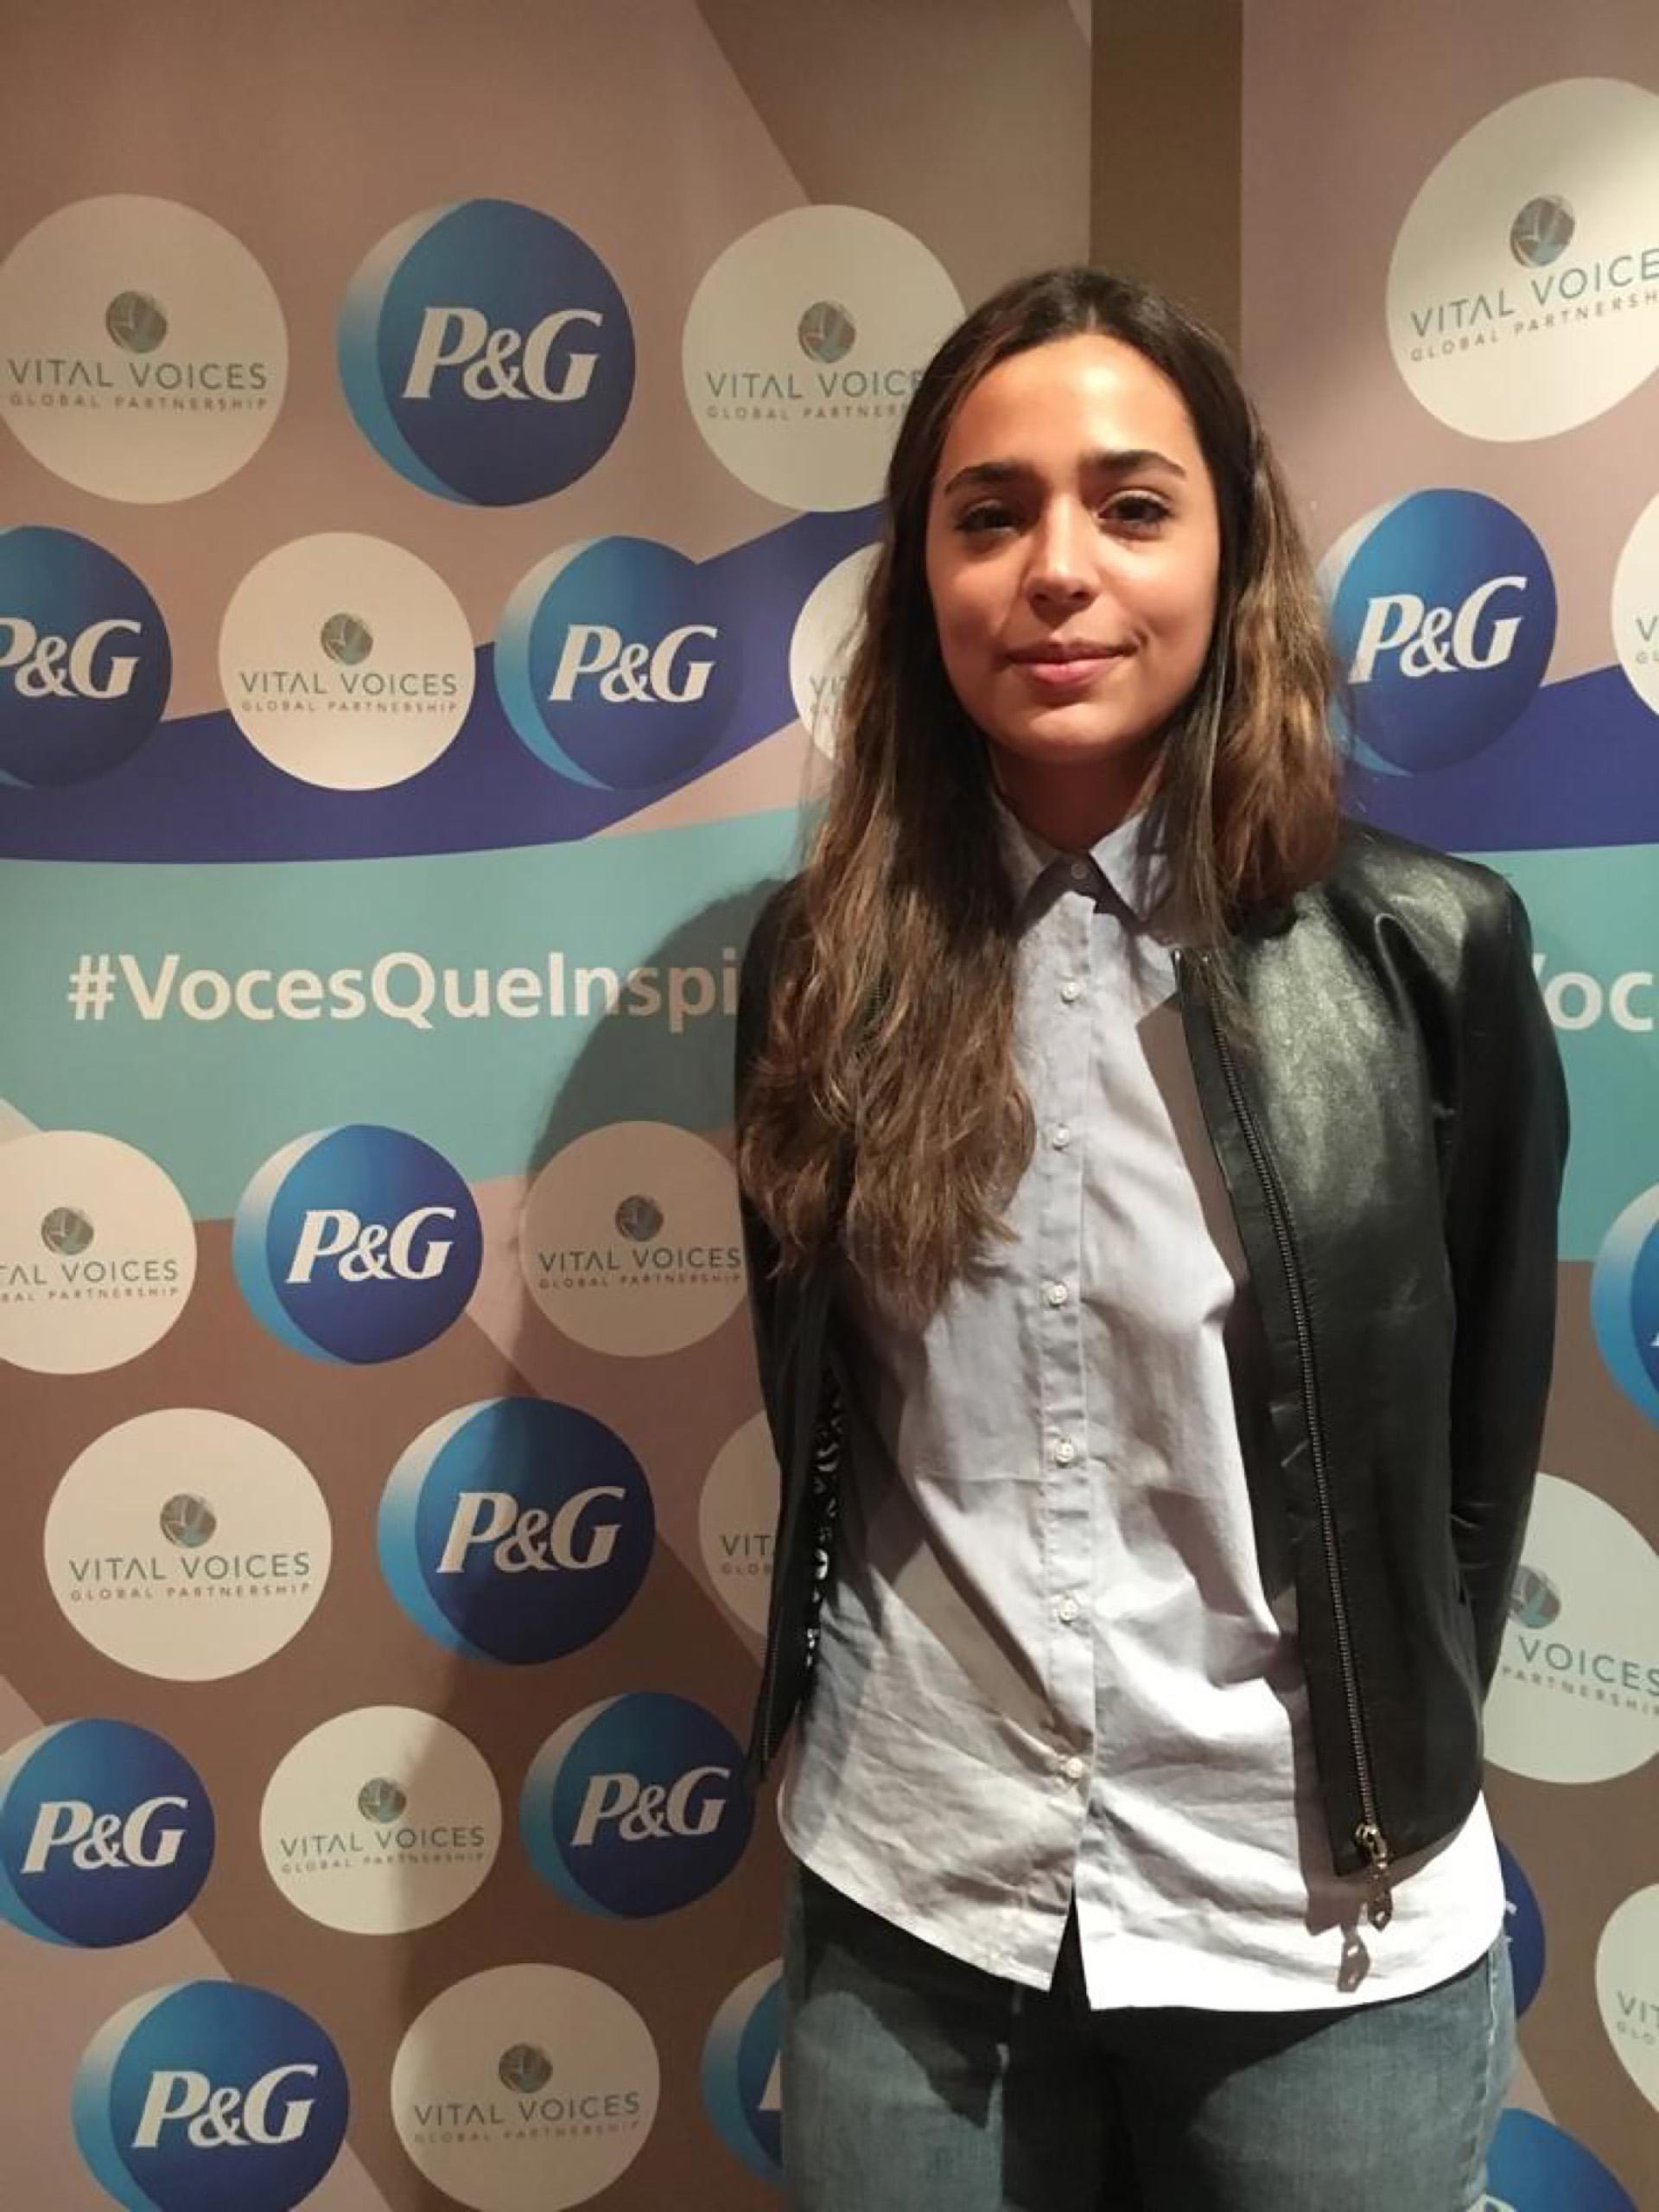 Eliana Vidal (22) presentó un proyecto para mejorar la participación cívica y política en la juventud en Argentina.